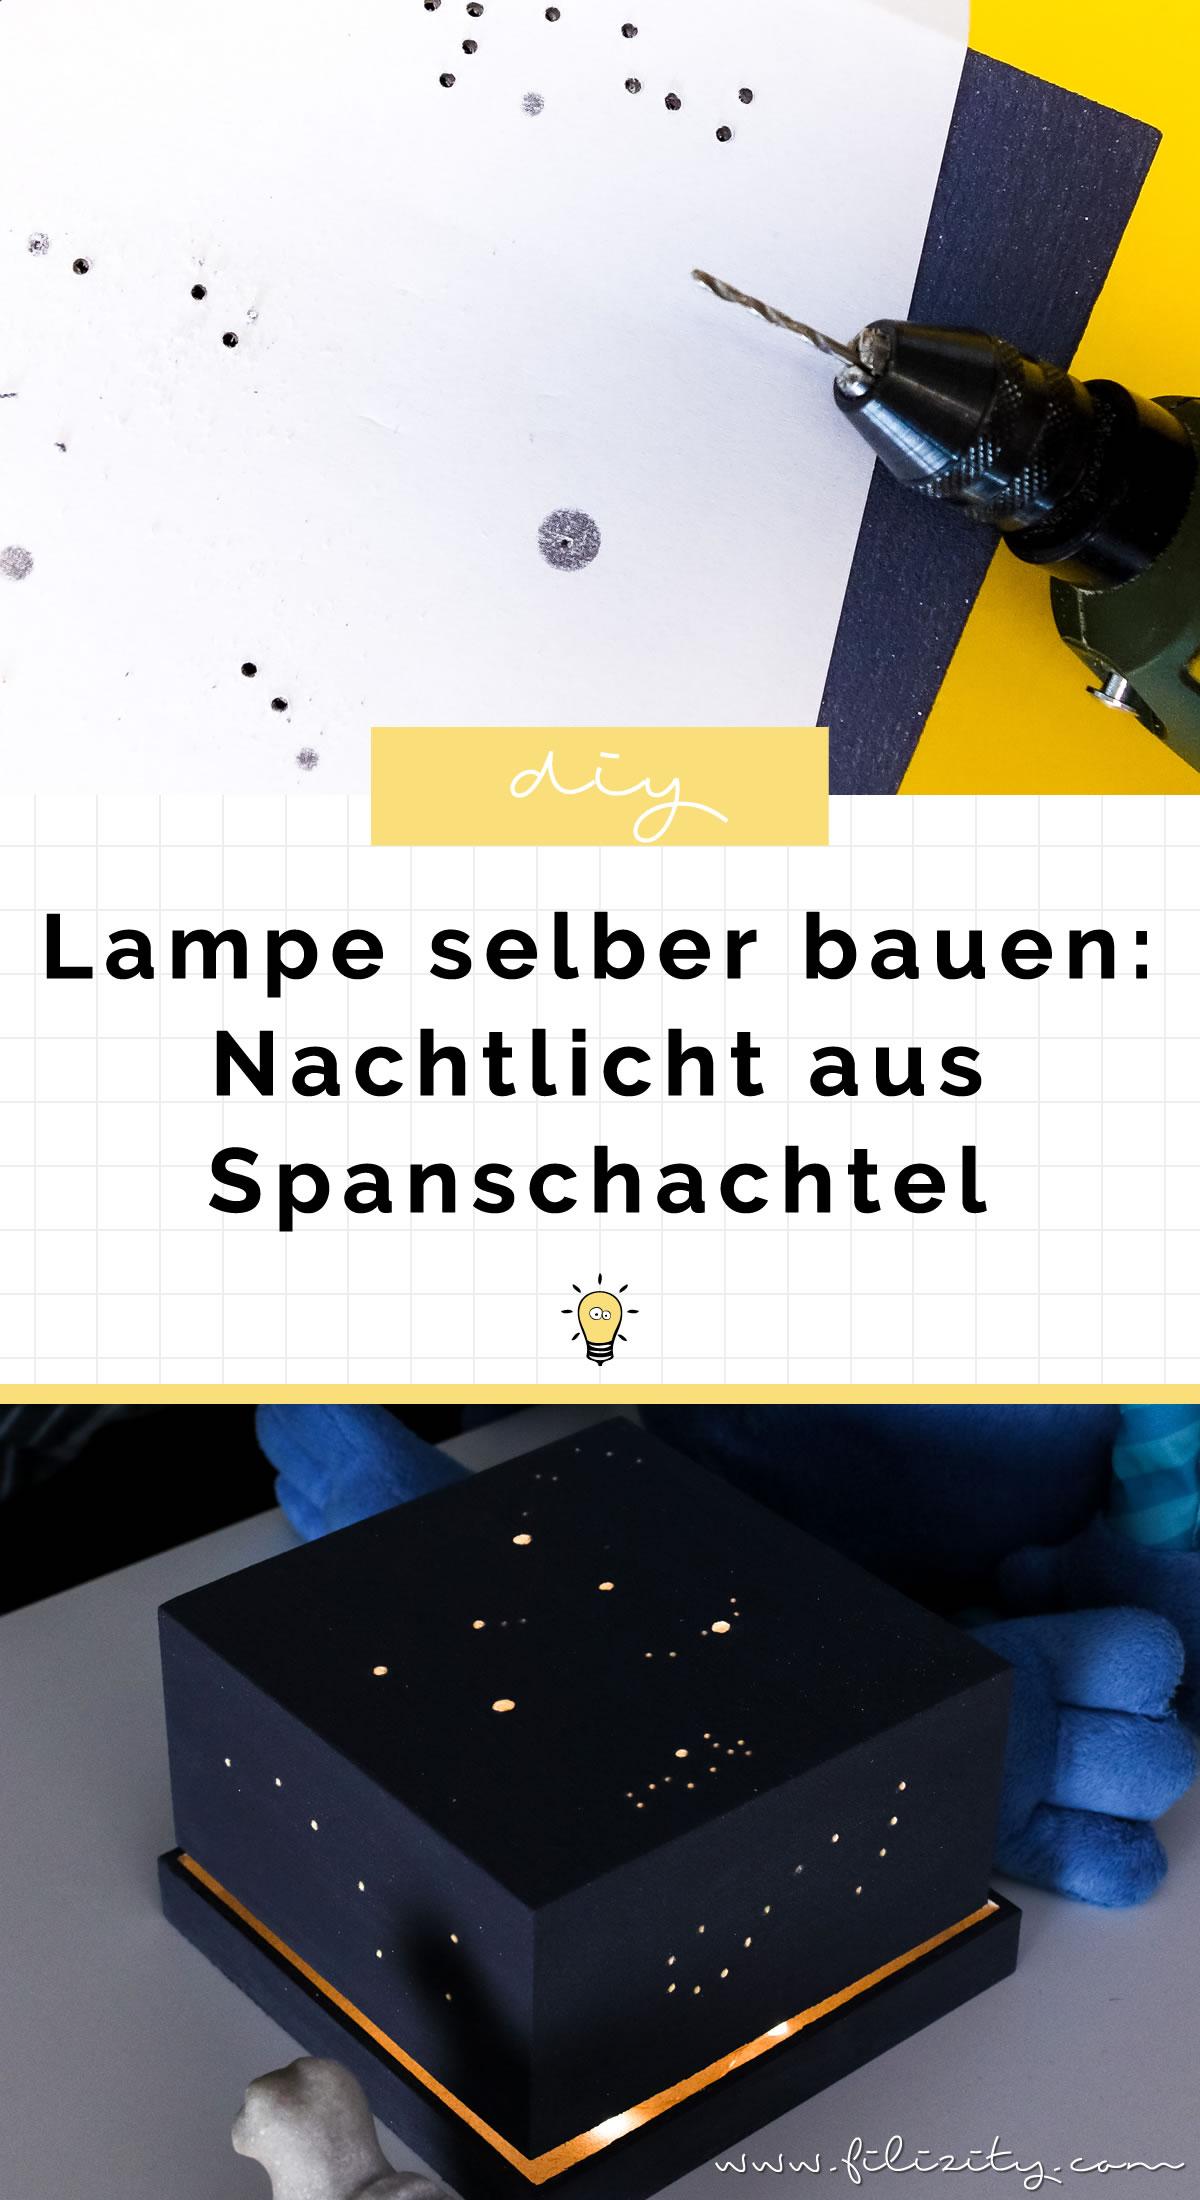 DIY Nachtlicht mit Sternenhimmel - Lampe selber bauen aus Spanschachtel   Einfache Upcycling-Idee   Filizity.com - DIY Blog aus dem Rheinland